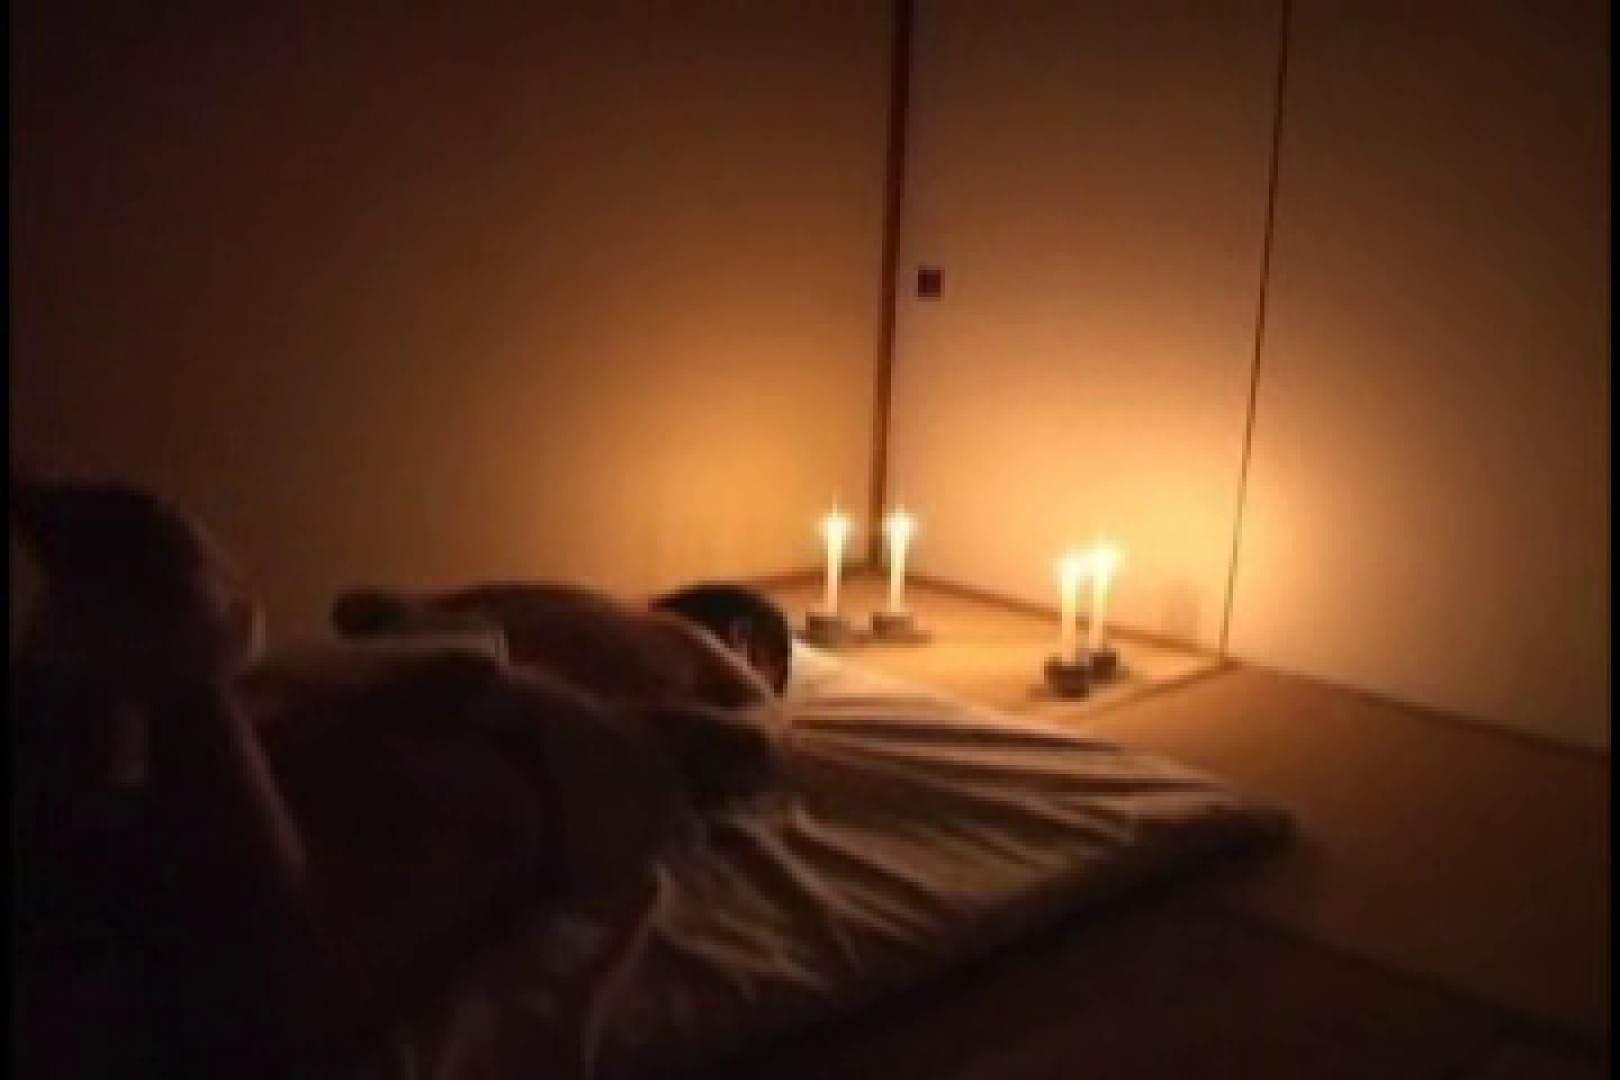 男を苛める天狗 イメージ (sex) ゲイ無修正ビデオ画像 101枚 8